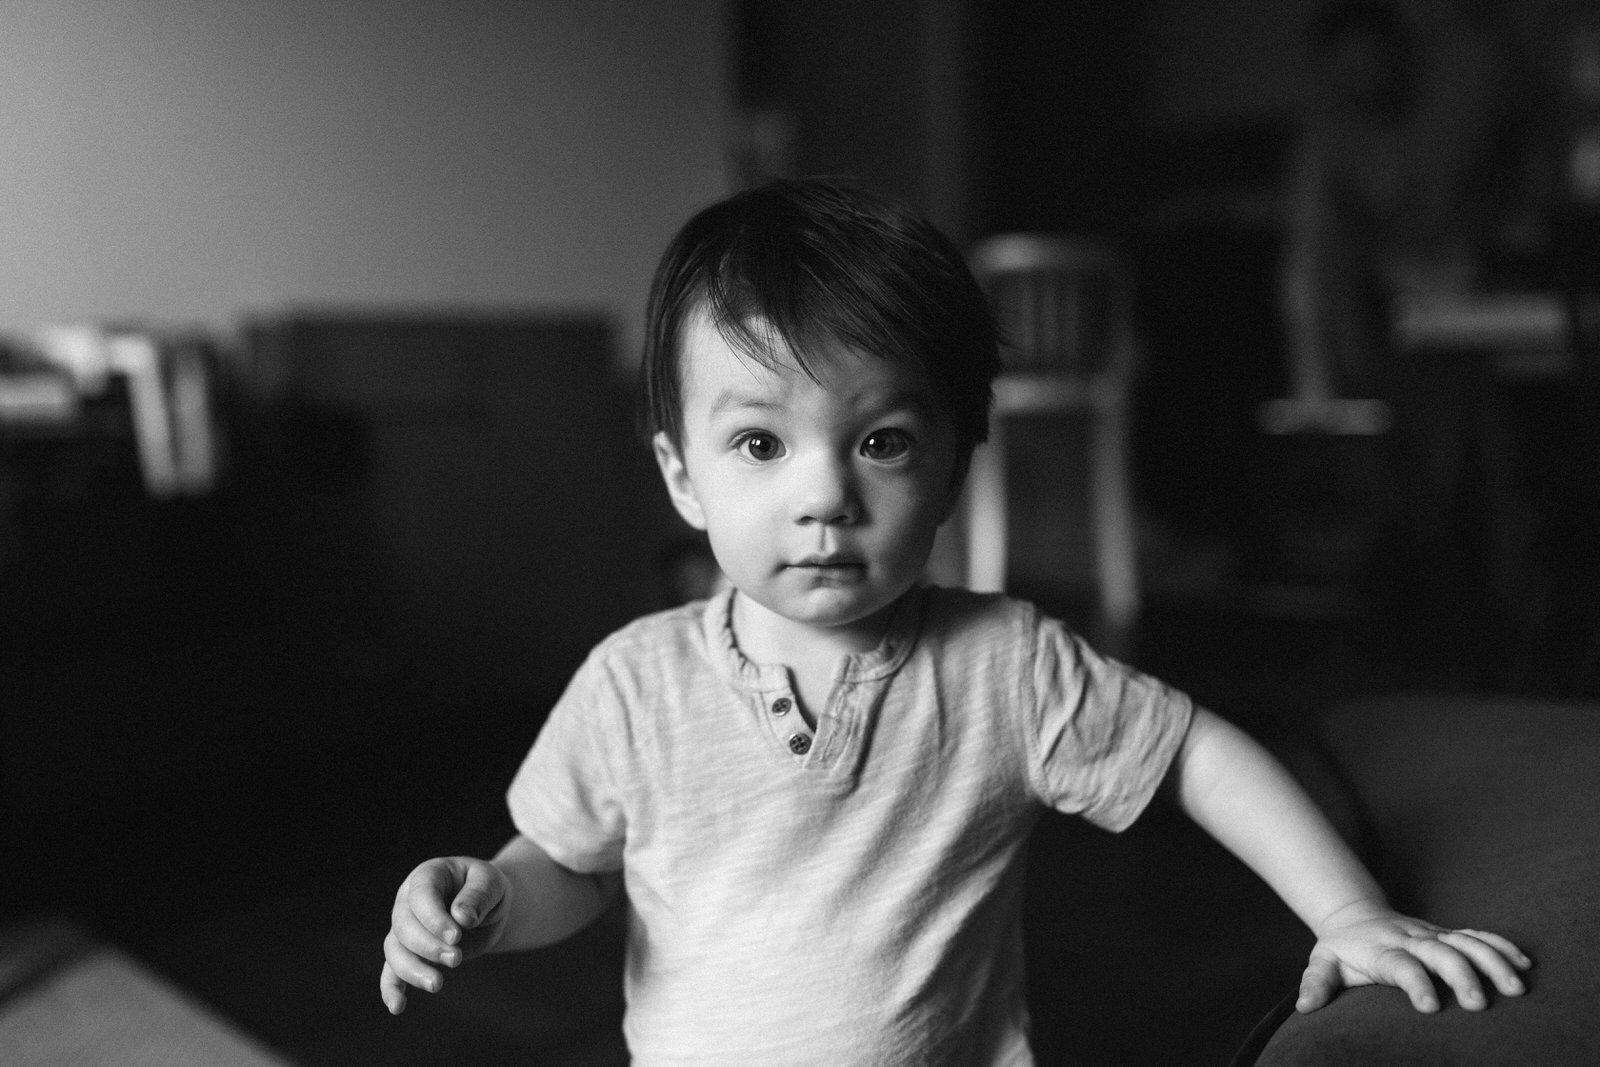 family-photography-brooklyn-ny-06.jpg